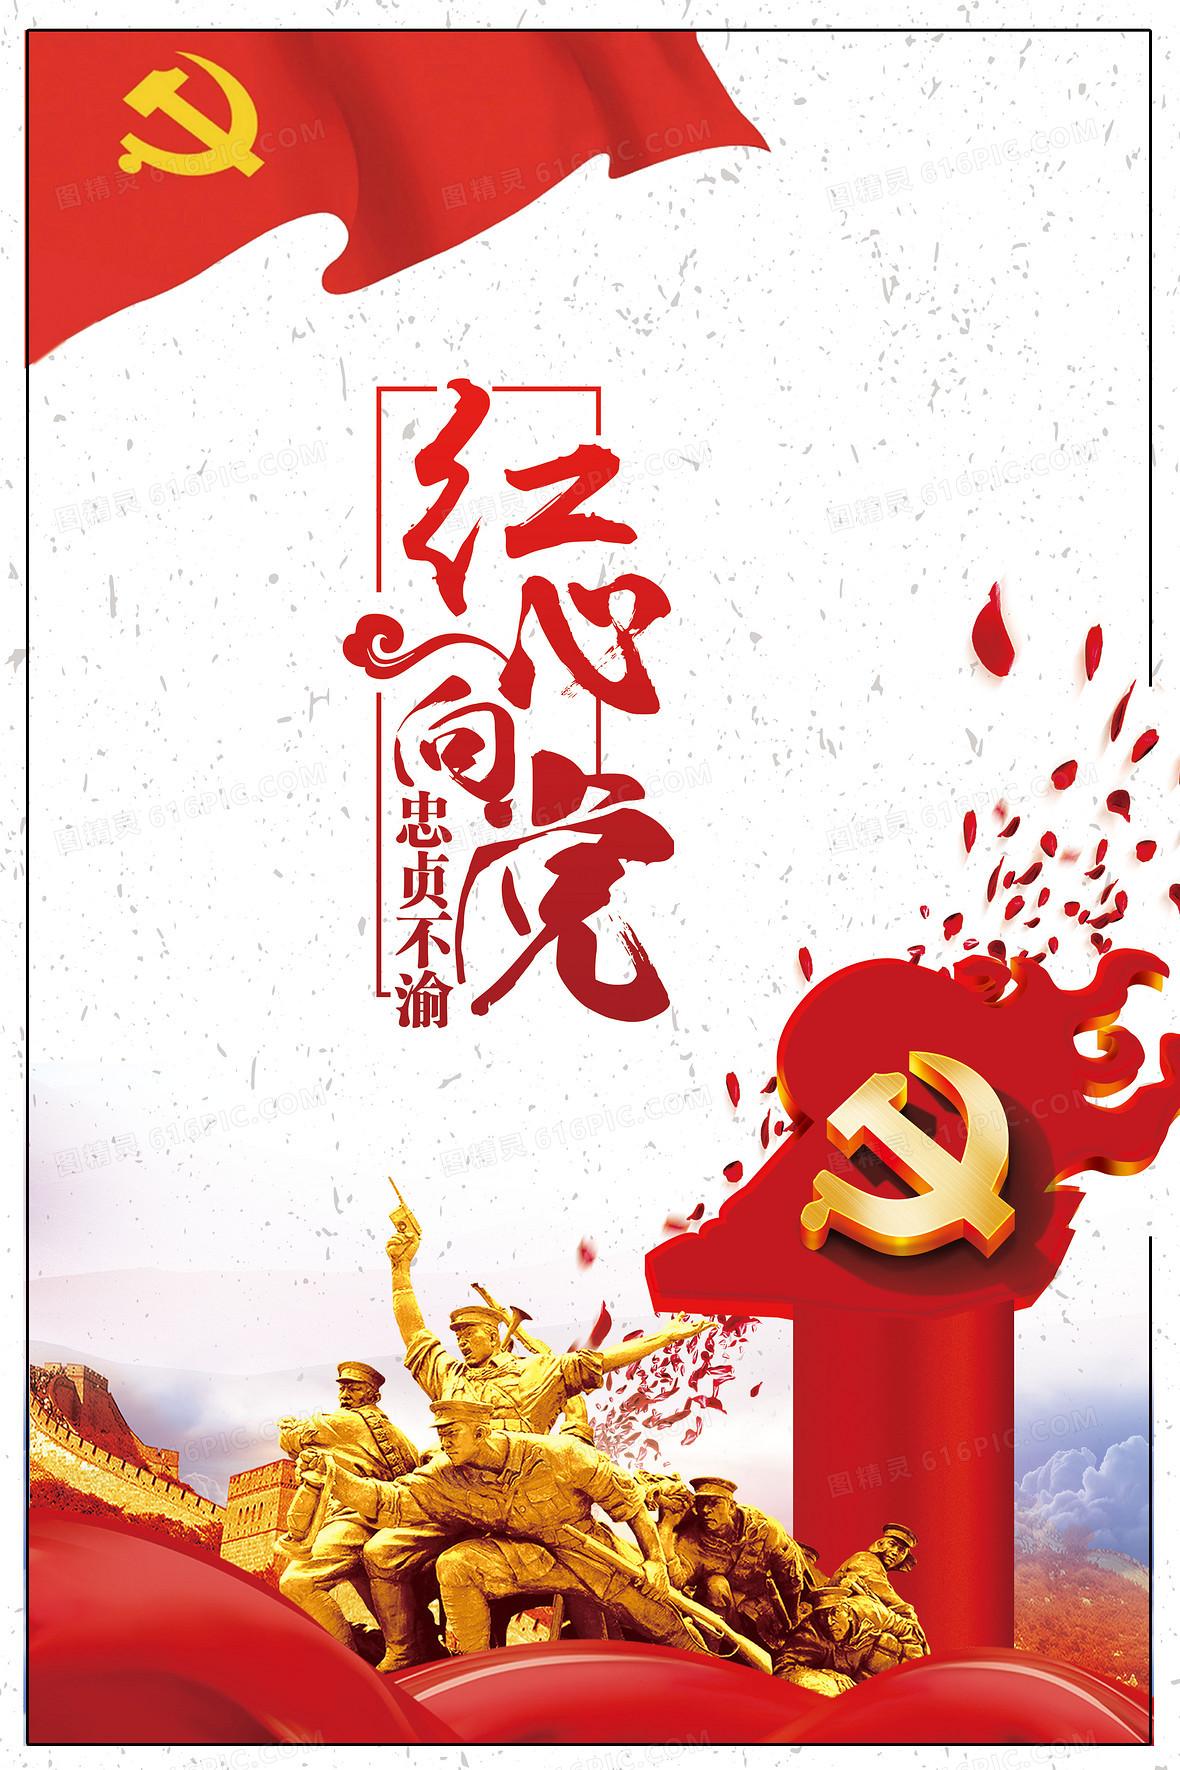 中国梦检查梦党建海报背景素材